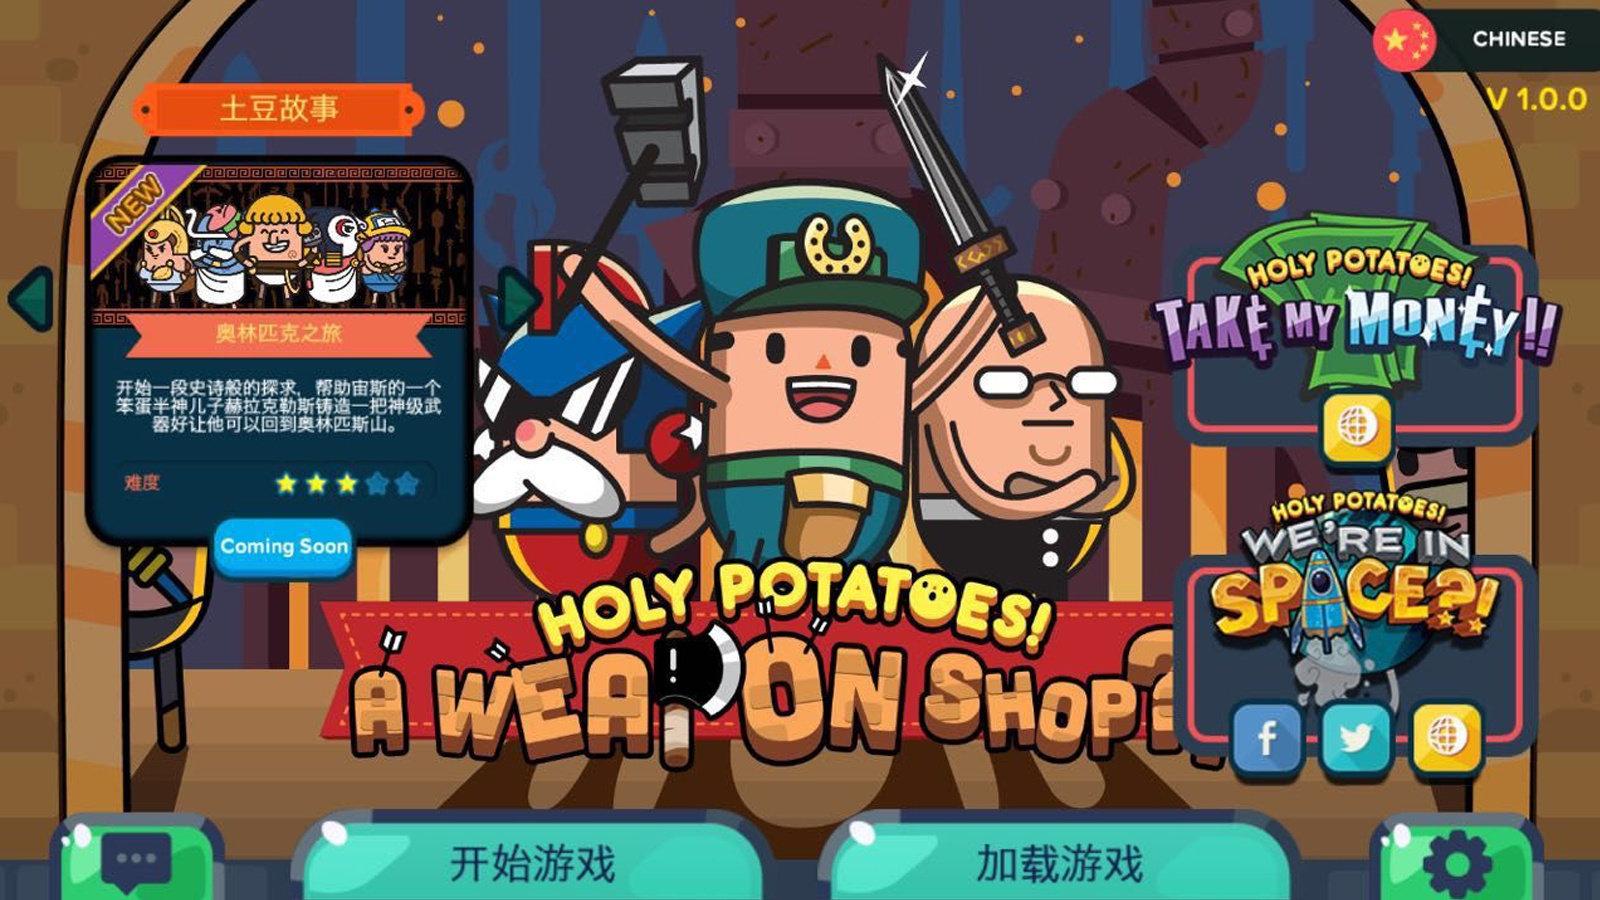 如果土豆开店卖武器,难道不是应该主打削皮刀和擦丝板吗?